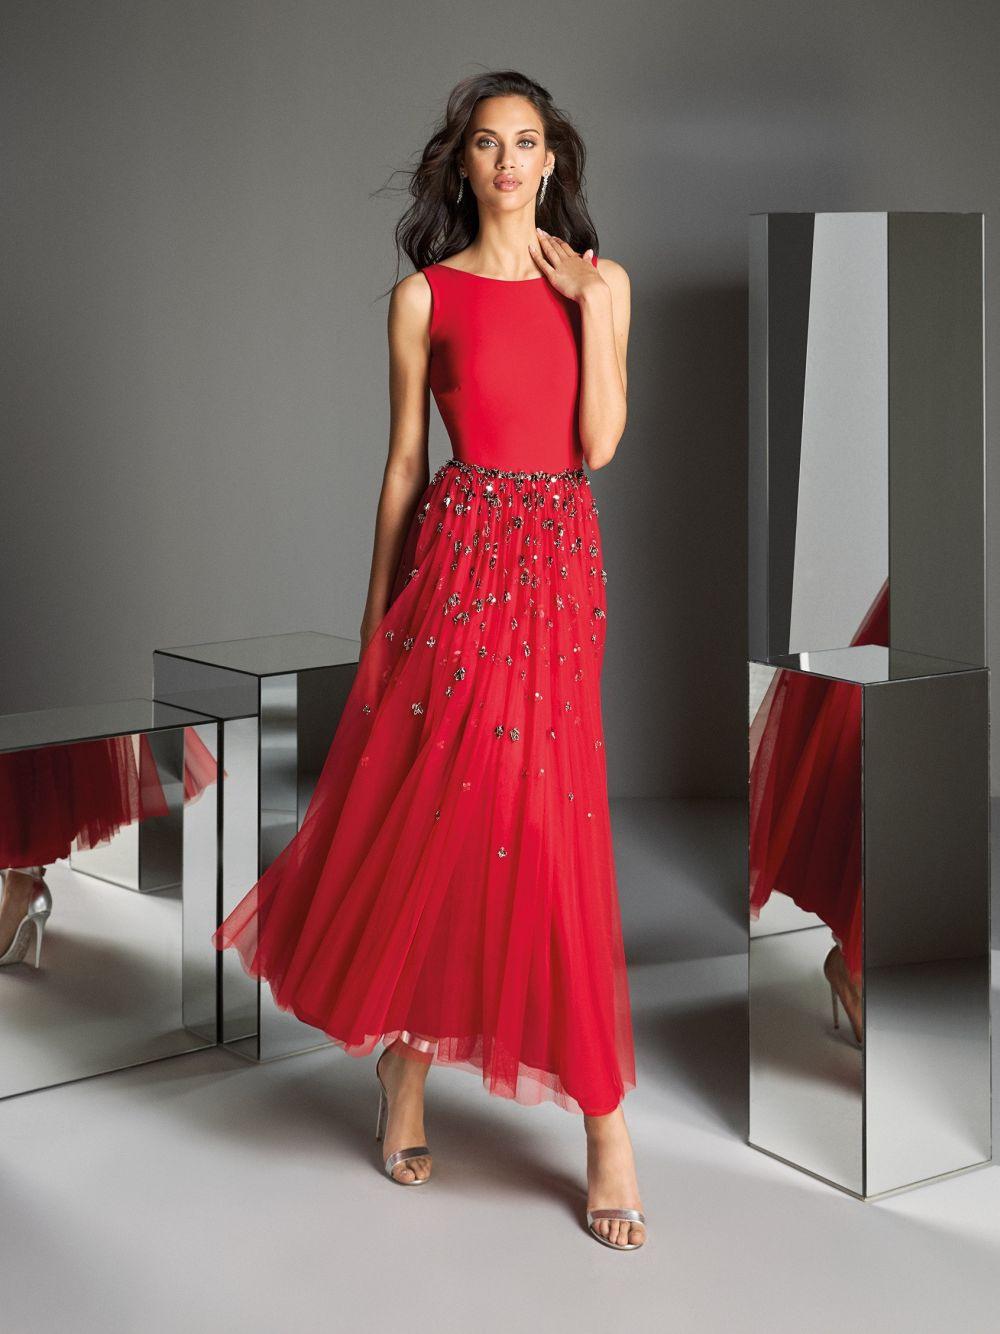 13 Schön Abend Kleider In Hannover Boutique17 Erstaunlich Abend Kleider In Hannover Spezialgebiet